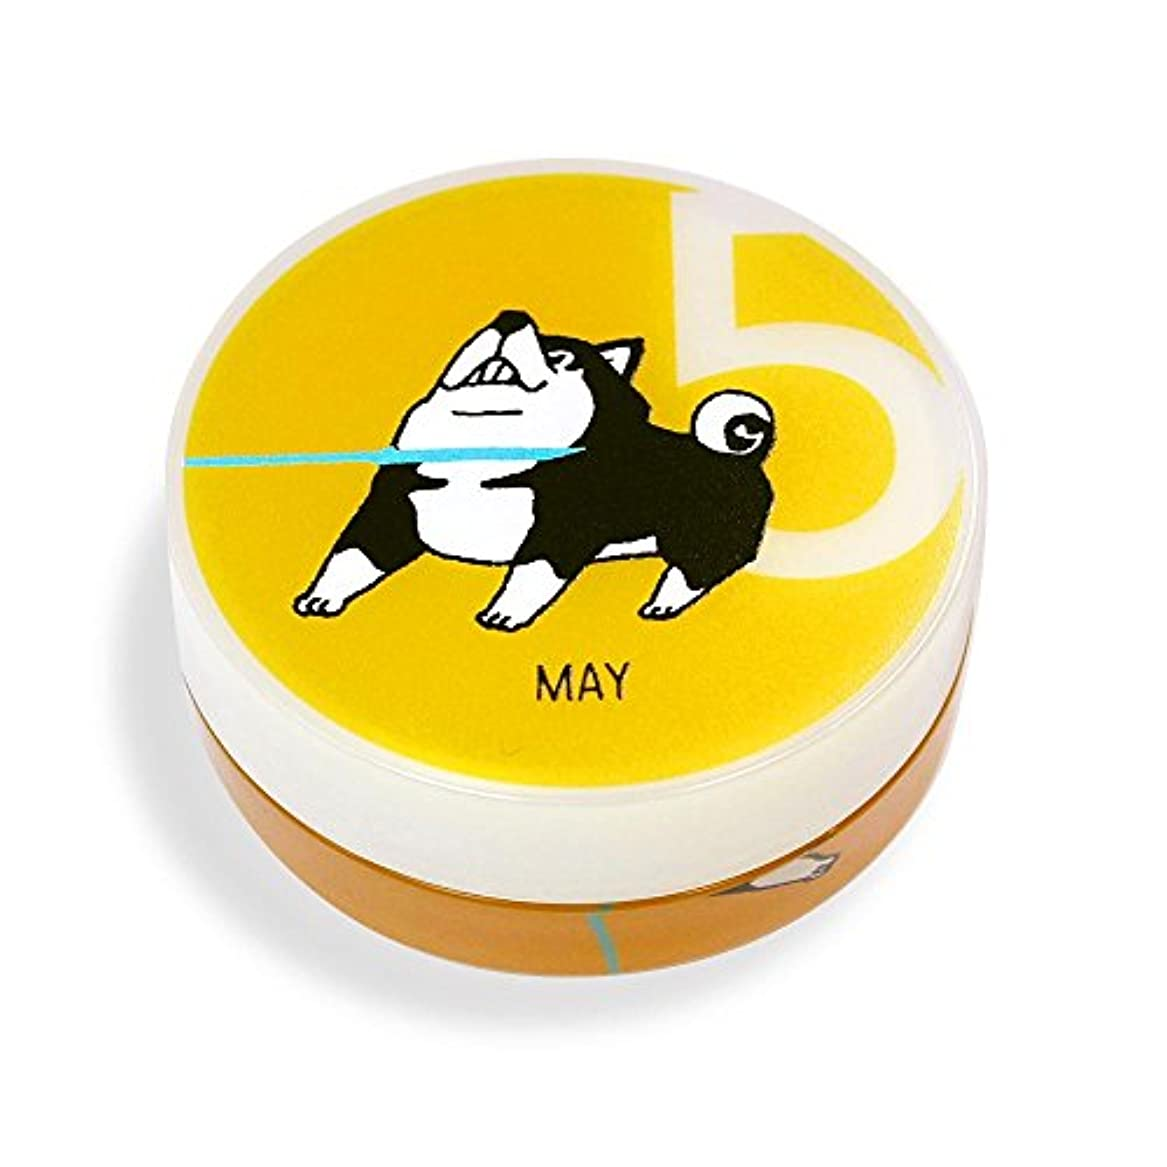 感覚受け入れるムスしばんばん フルプルクリーム 誕生月シリーズ 5月 20g